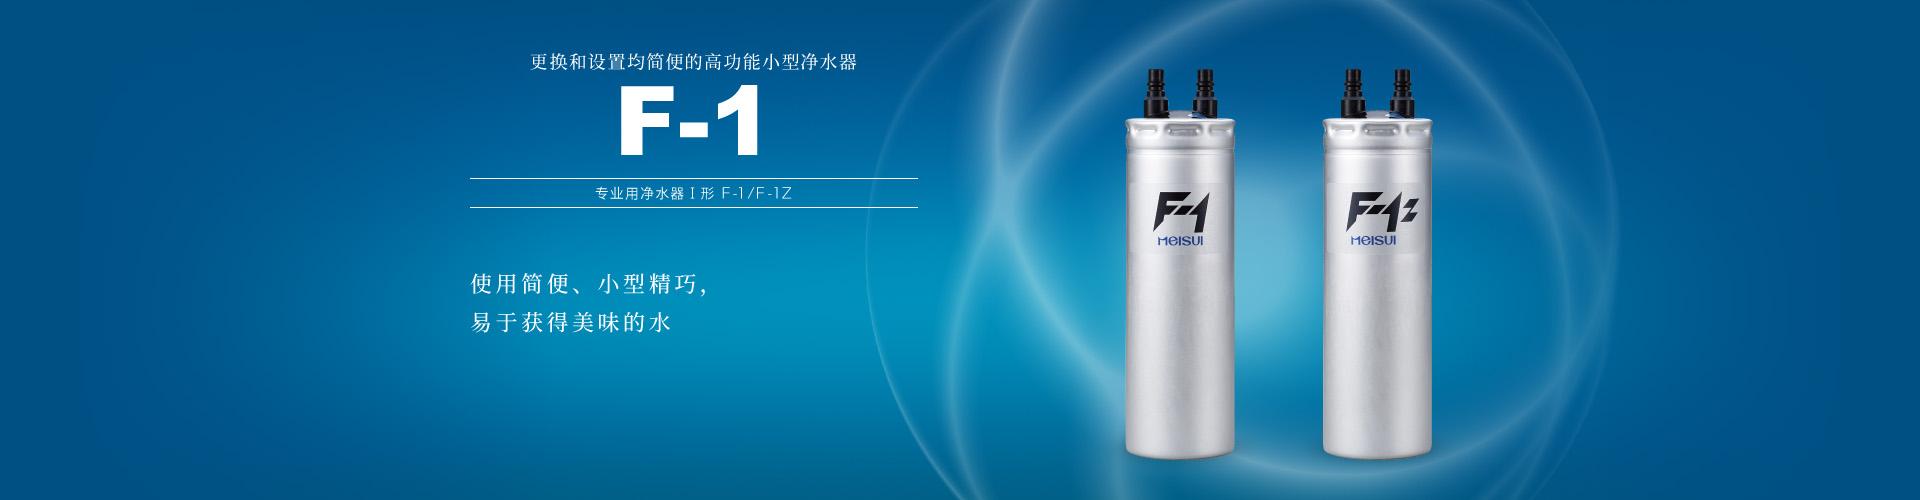 椰壳活性炭价格_F系列 专业用净水器Ⅰ形 | 净水器的美水